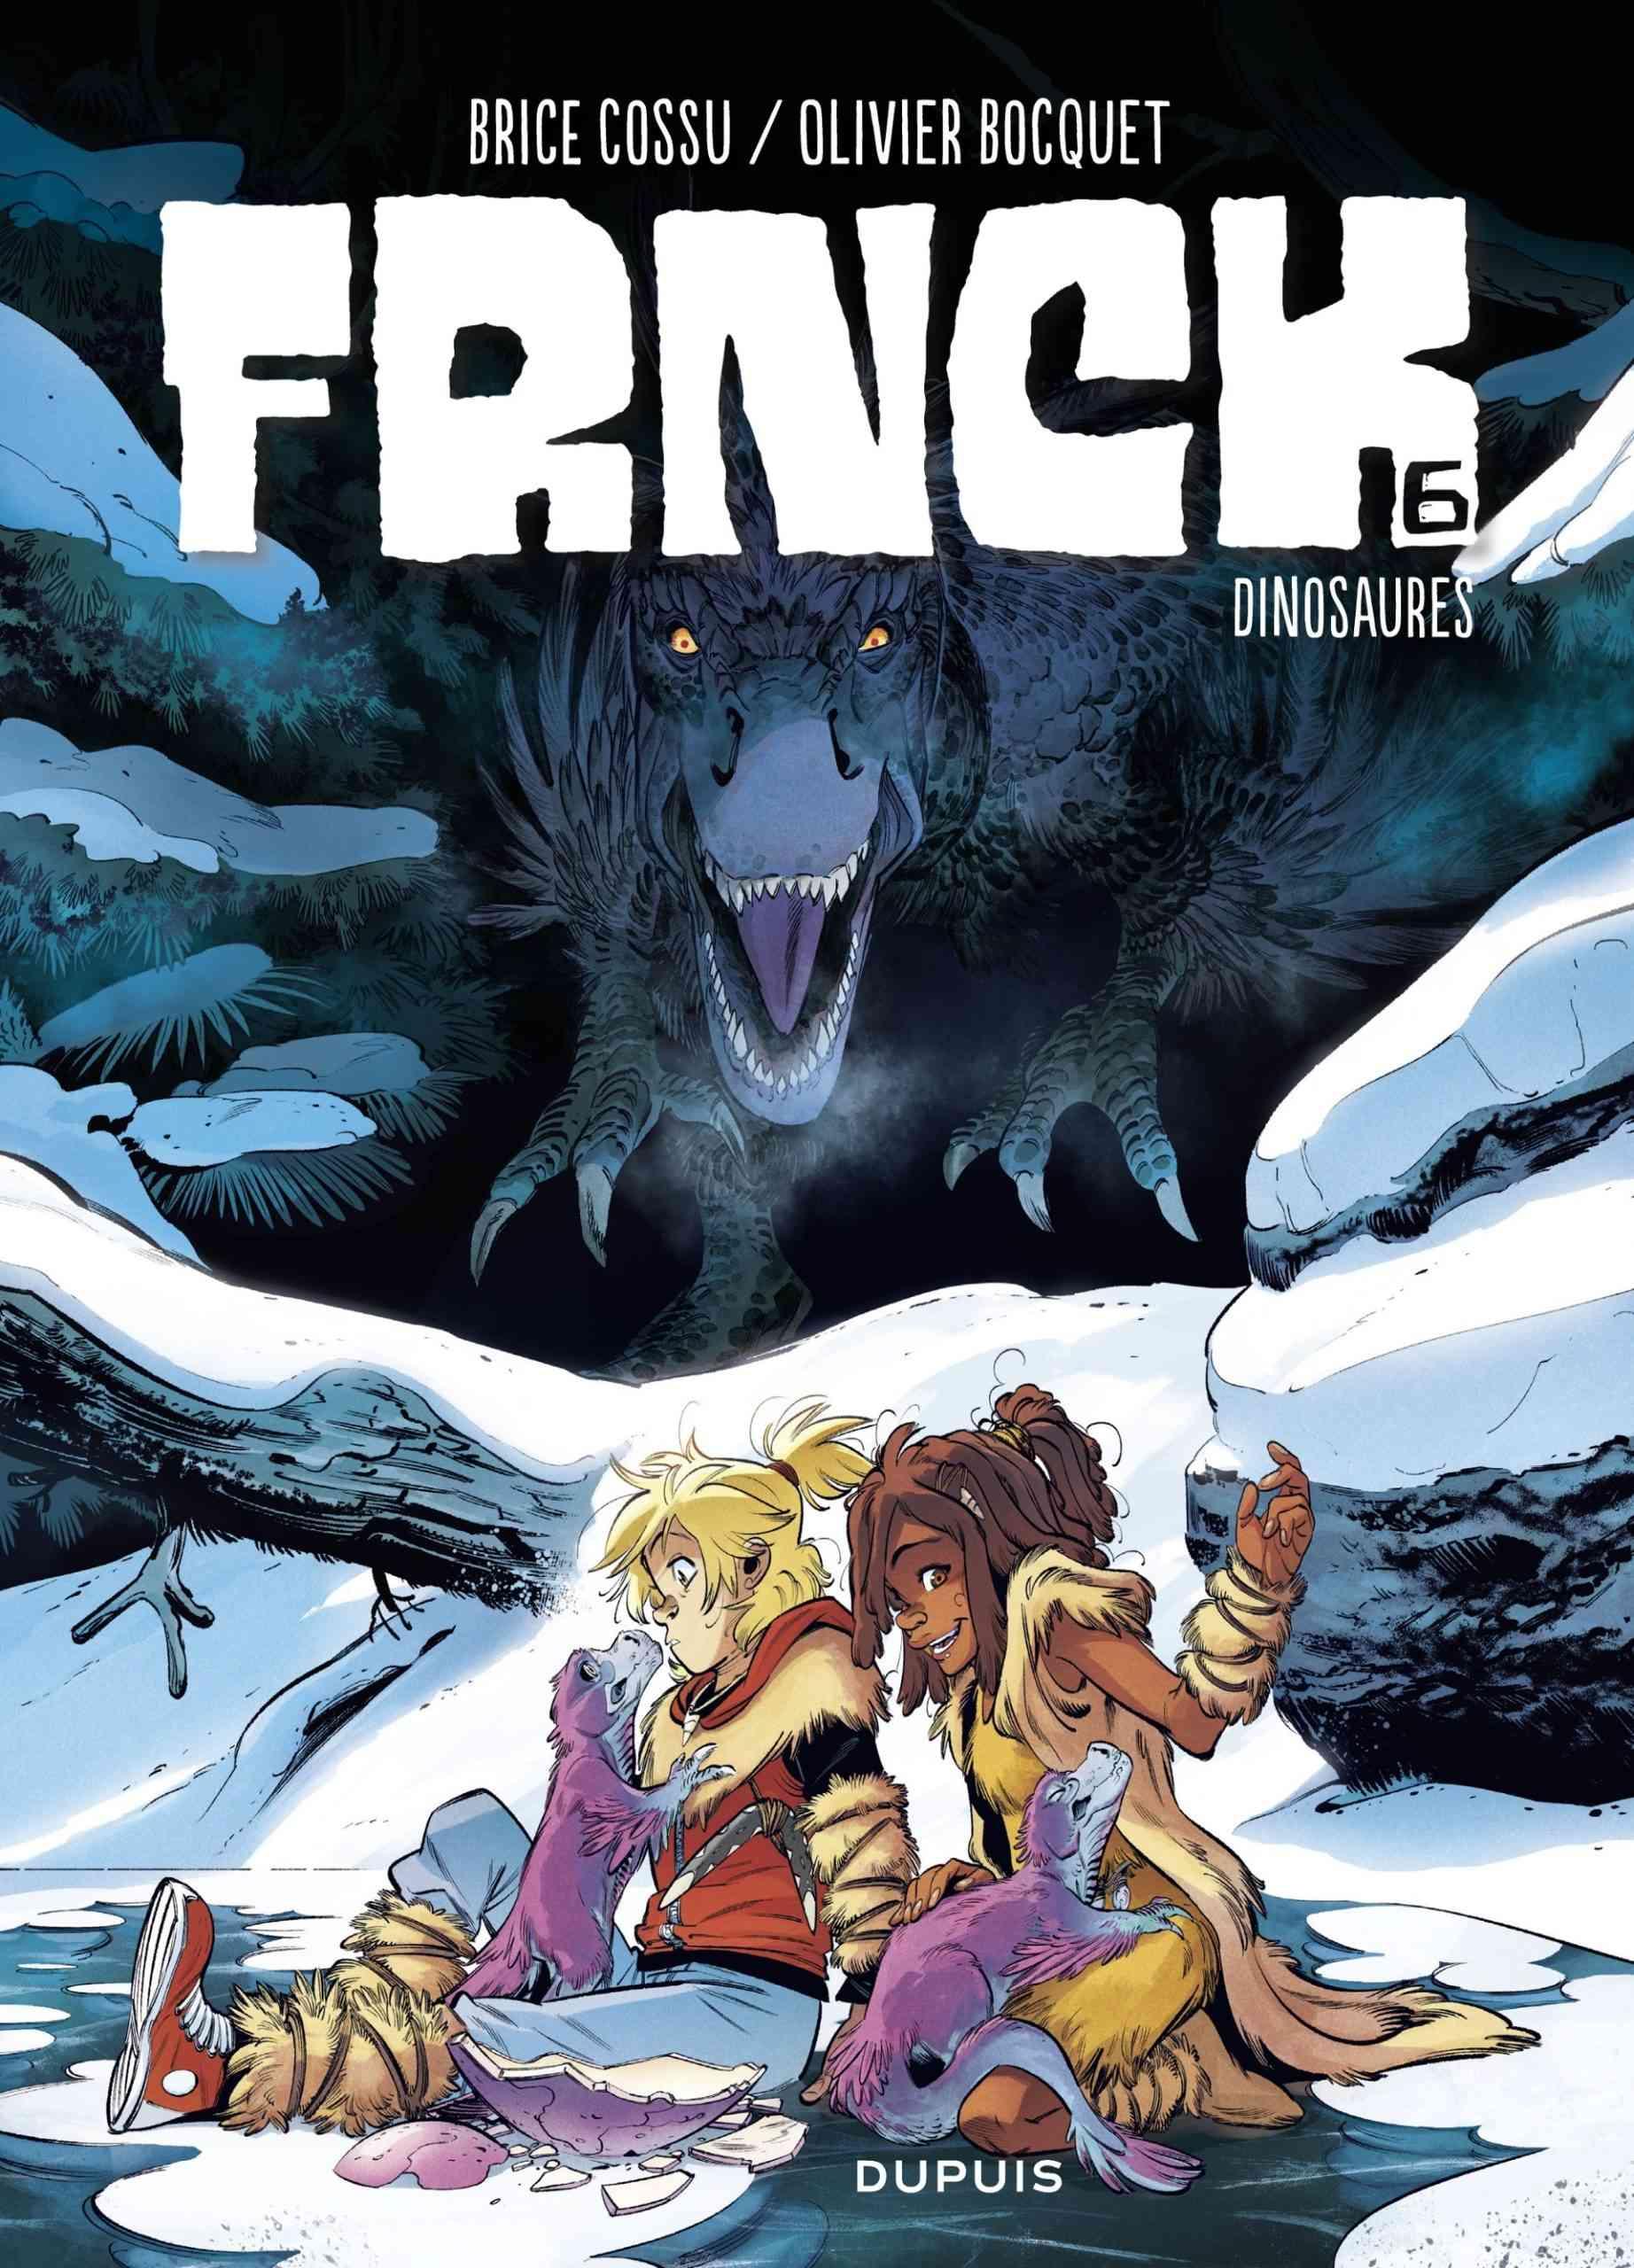 FRNCK T6, retour vers le futur